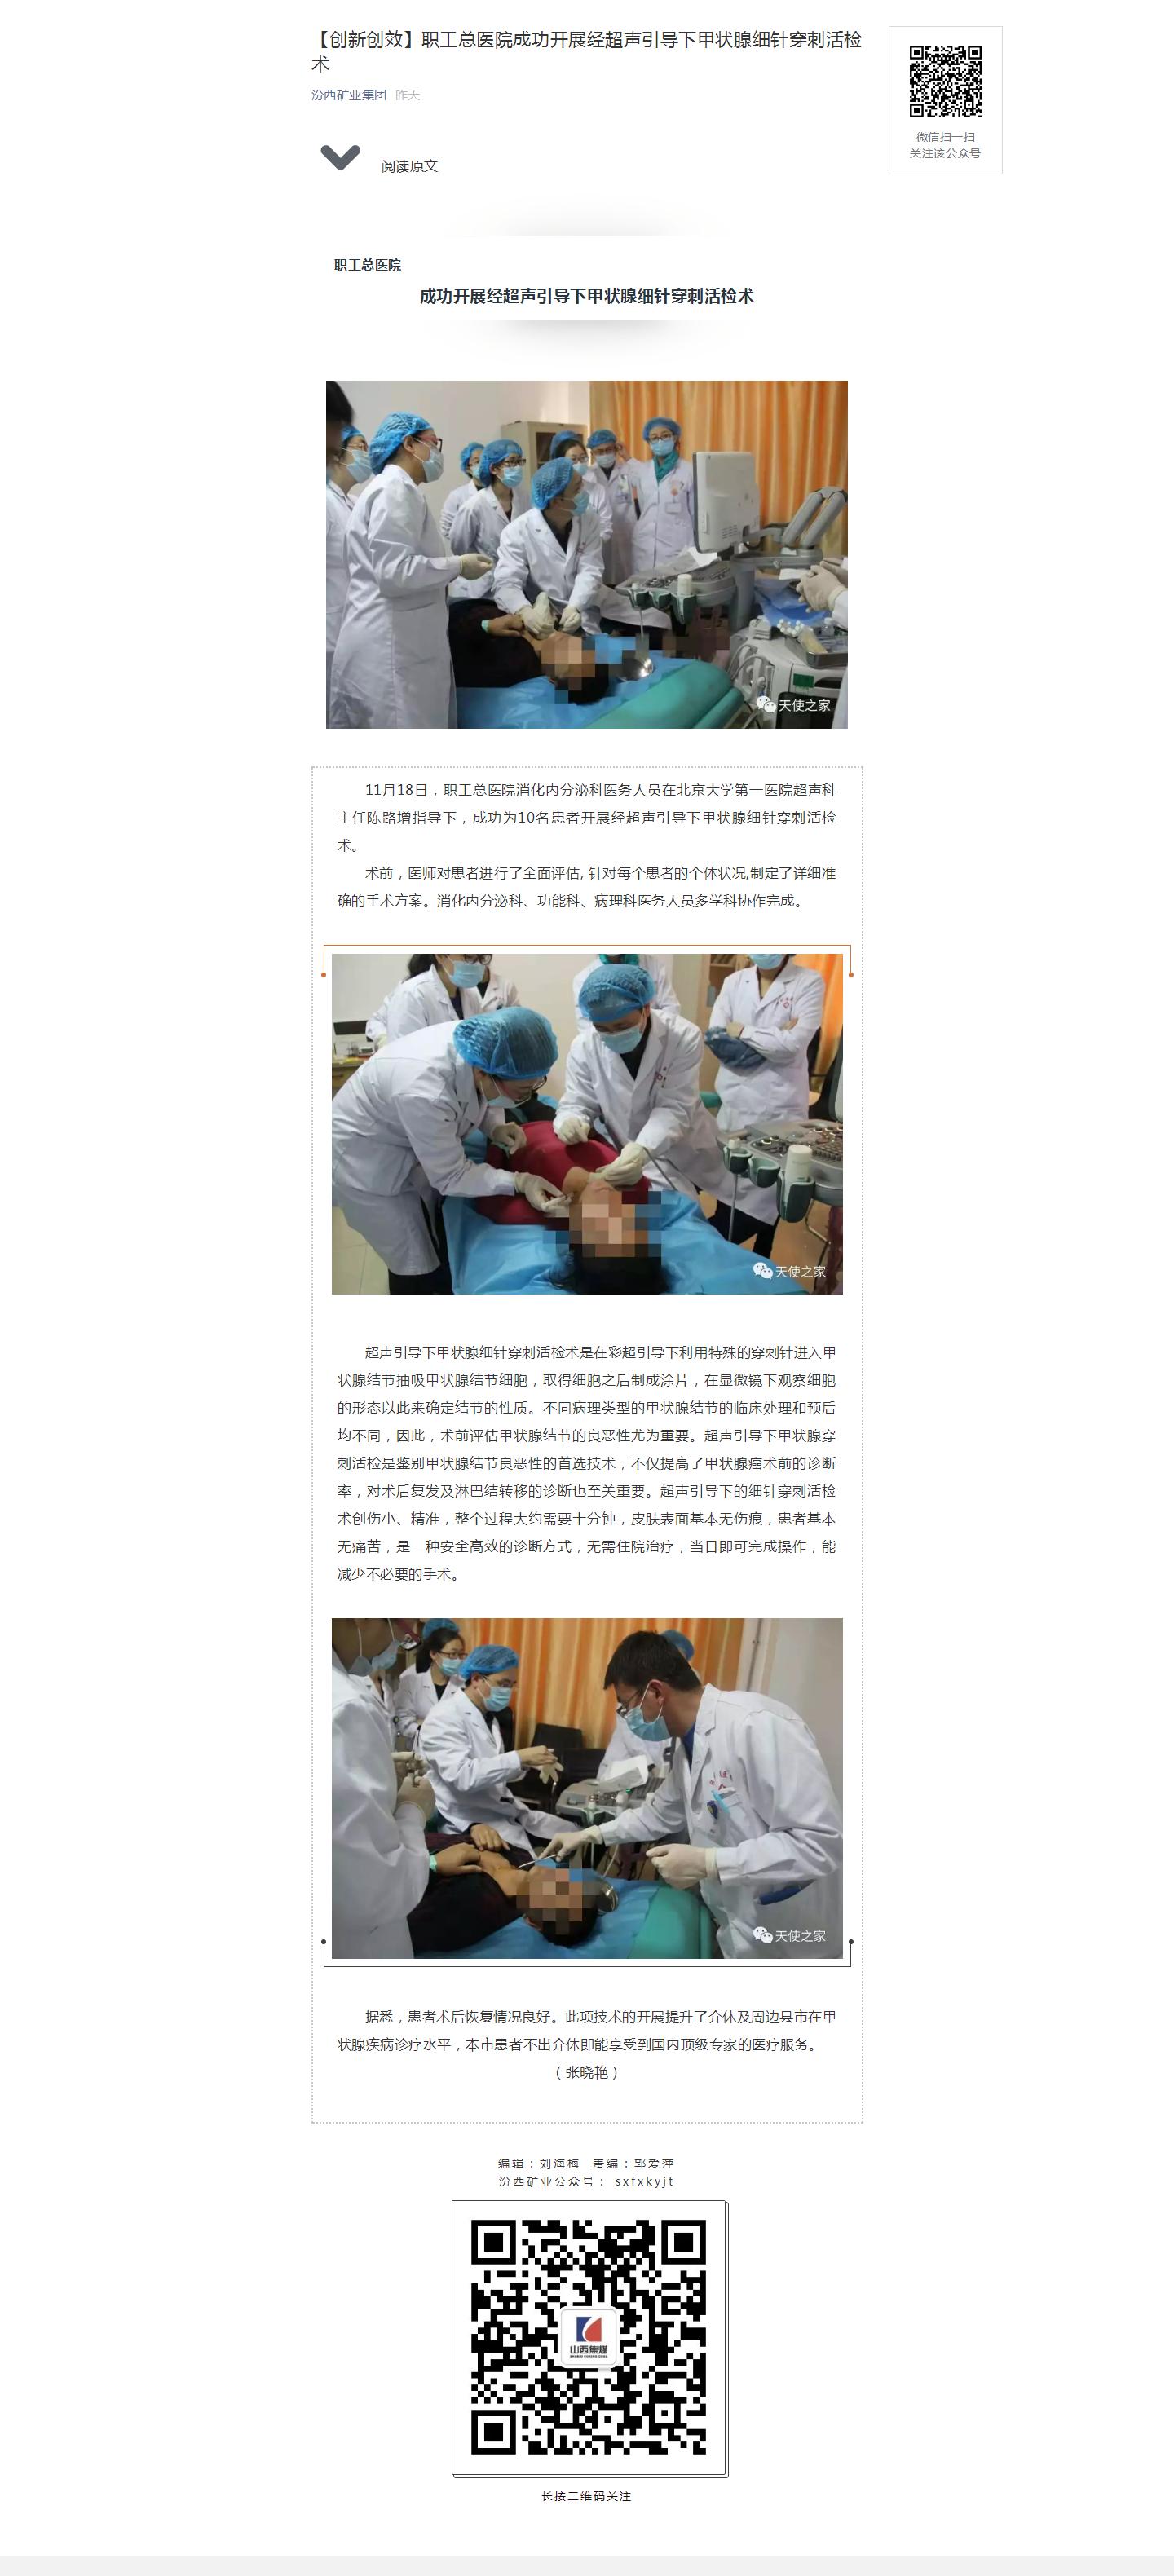 【创新创效】职工总医院成功开展经超声引导下甲状腺细针穿刺活检术.png